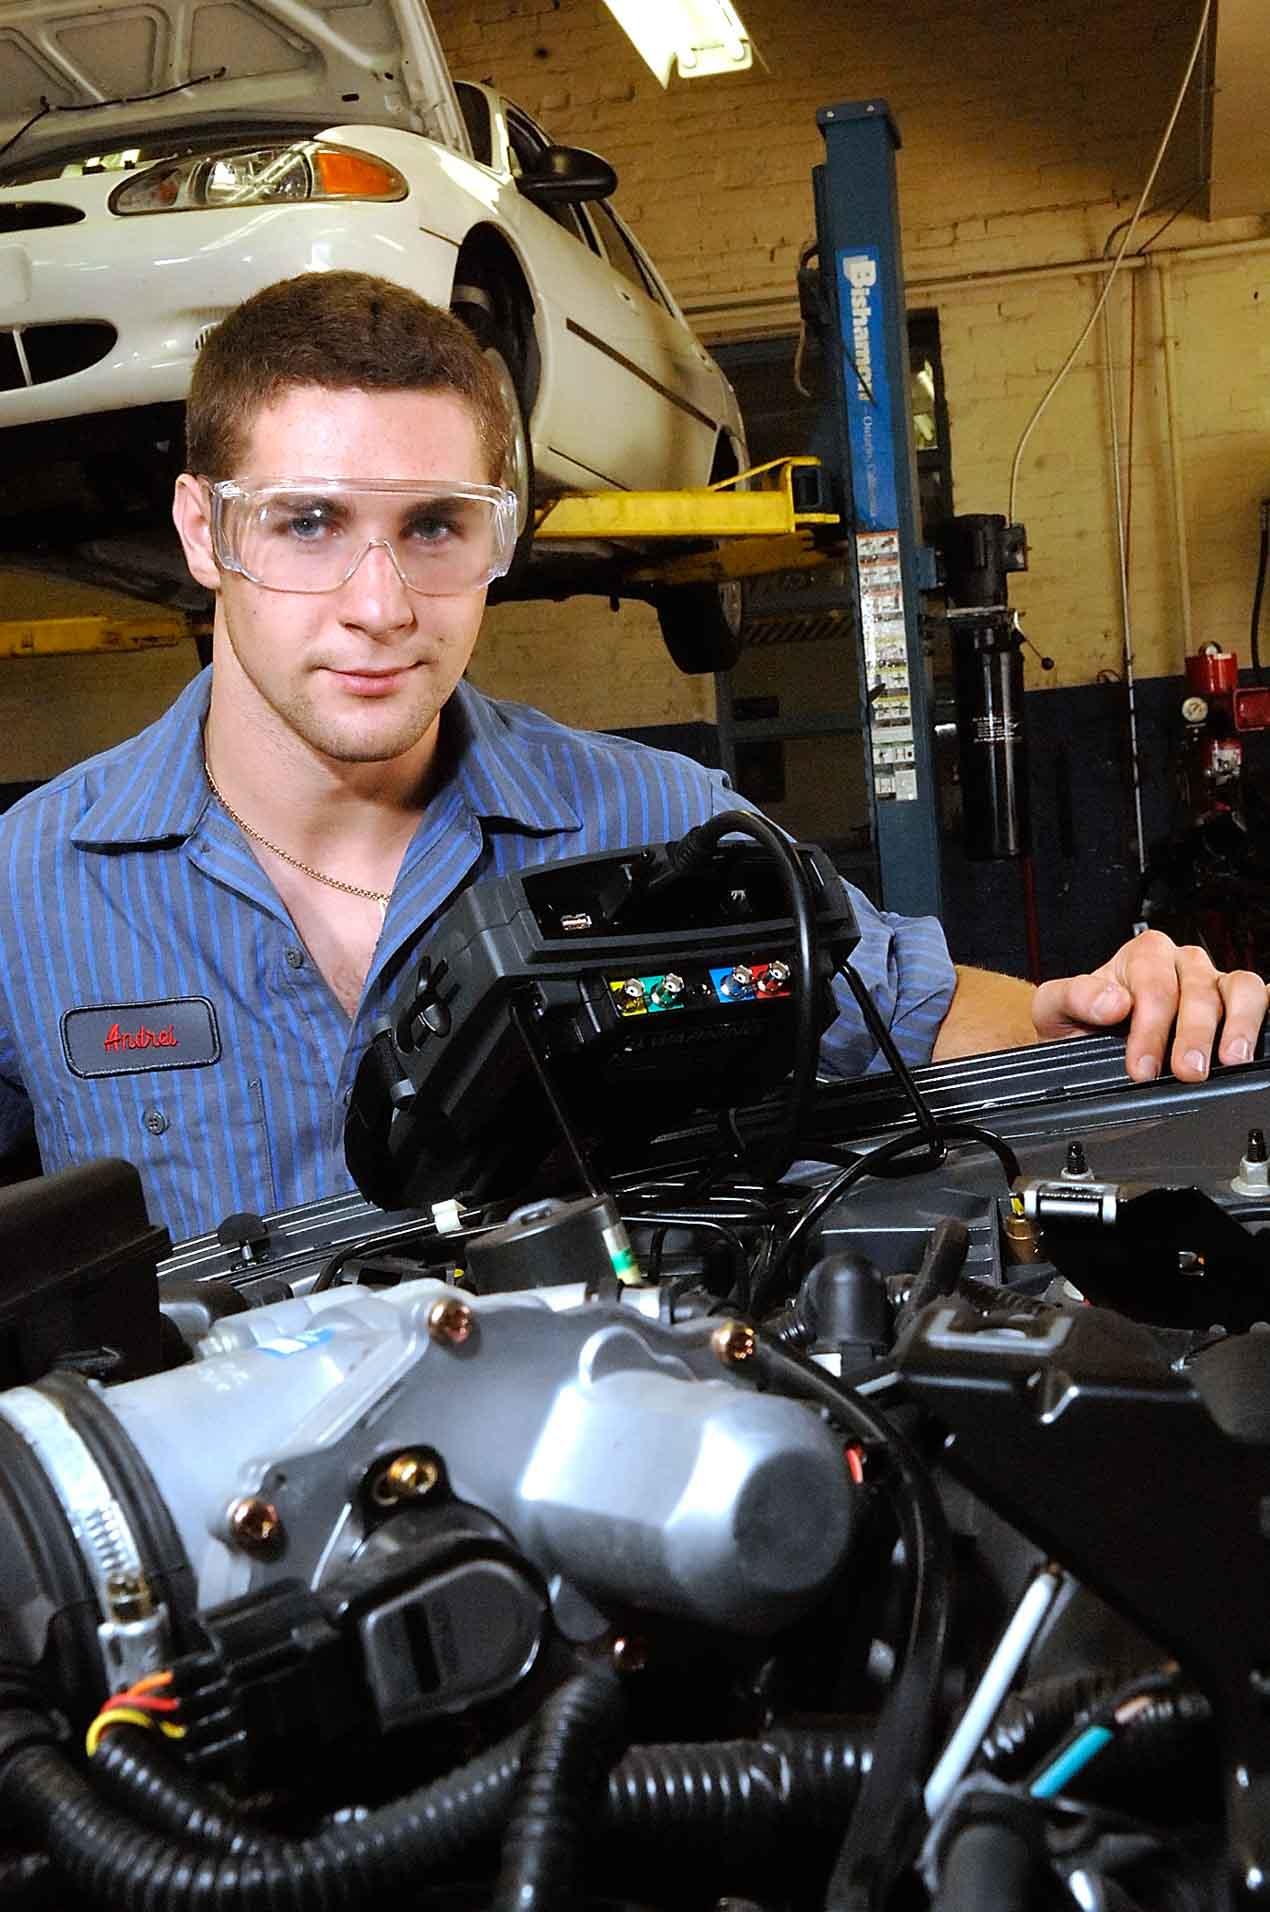 2007-auto-tech-183ba320.jpg